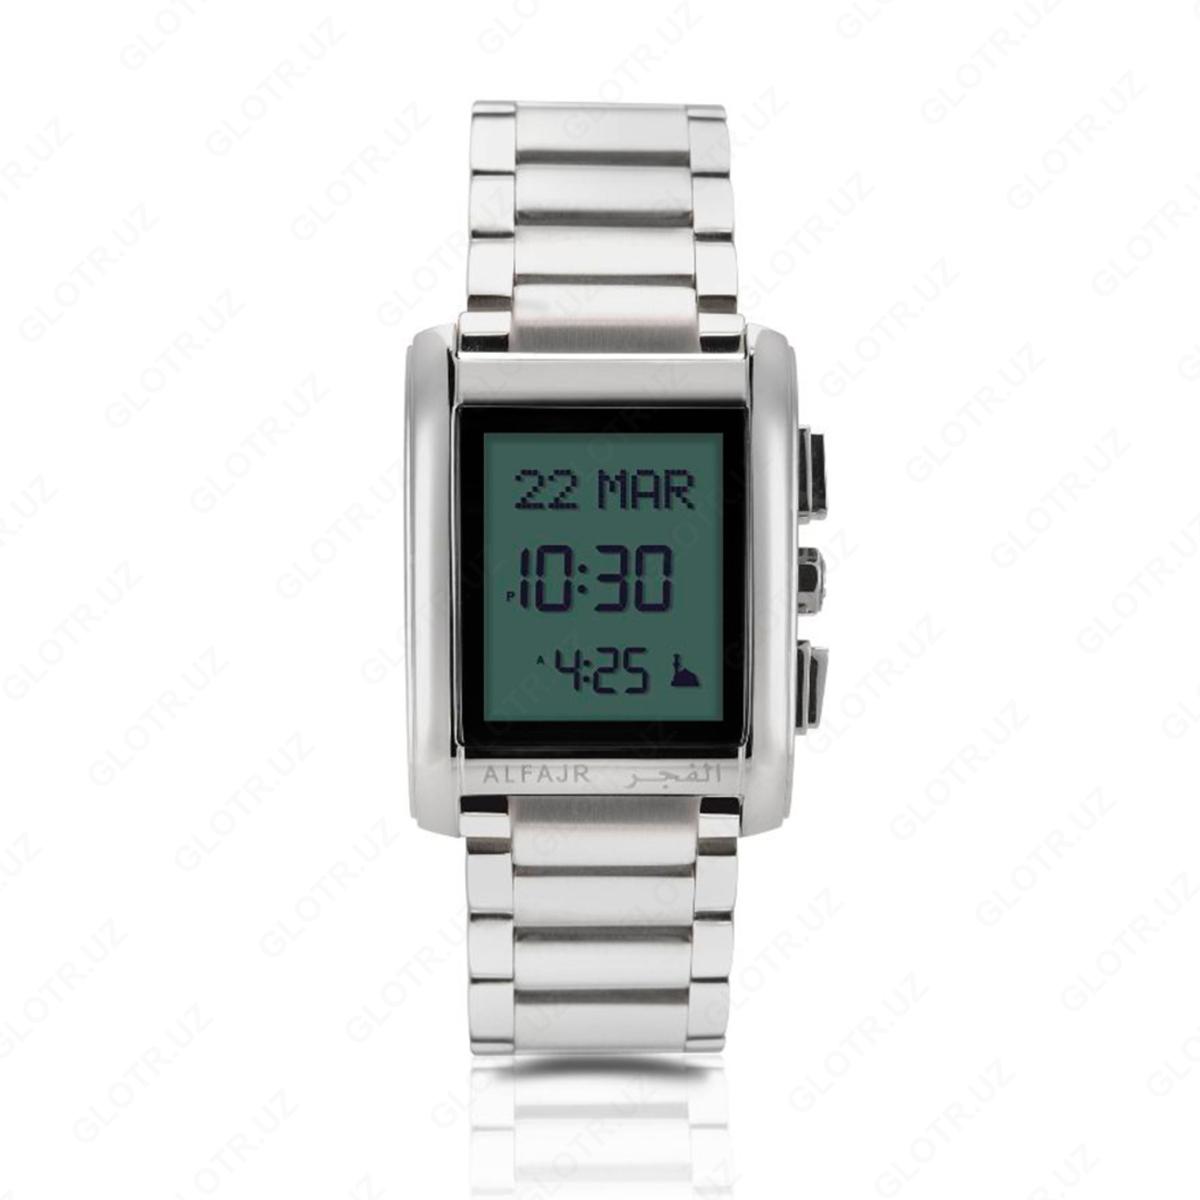 Стоимость часы фаджр часов павловский посад скупка